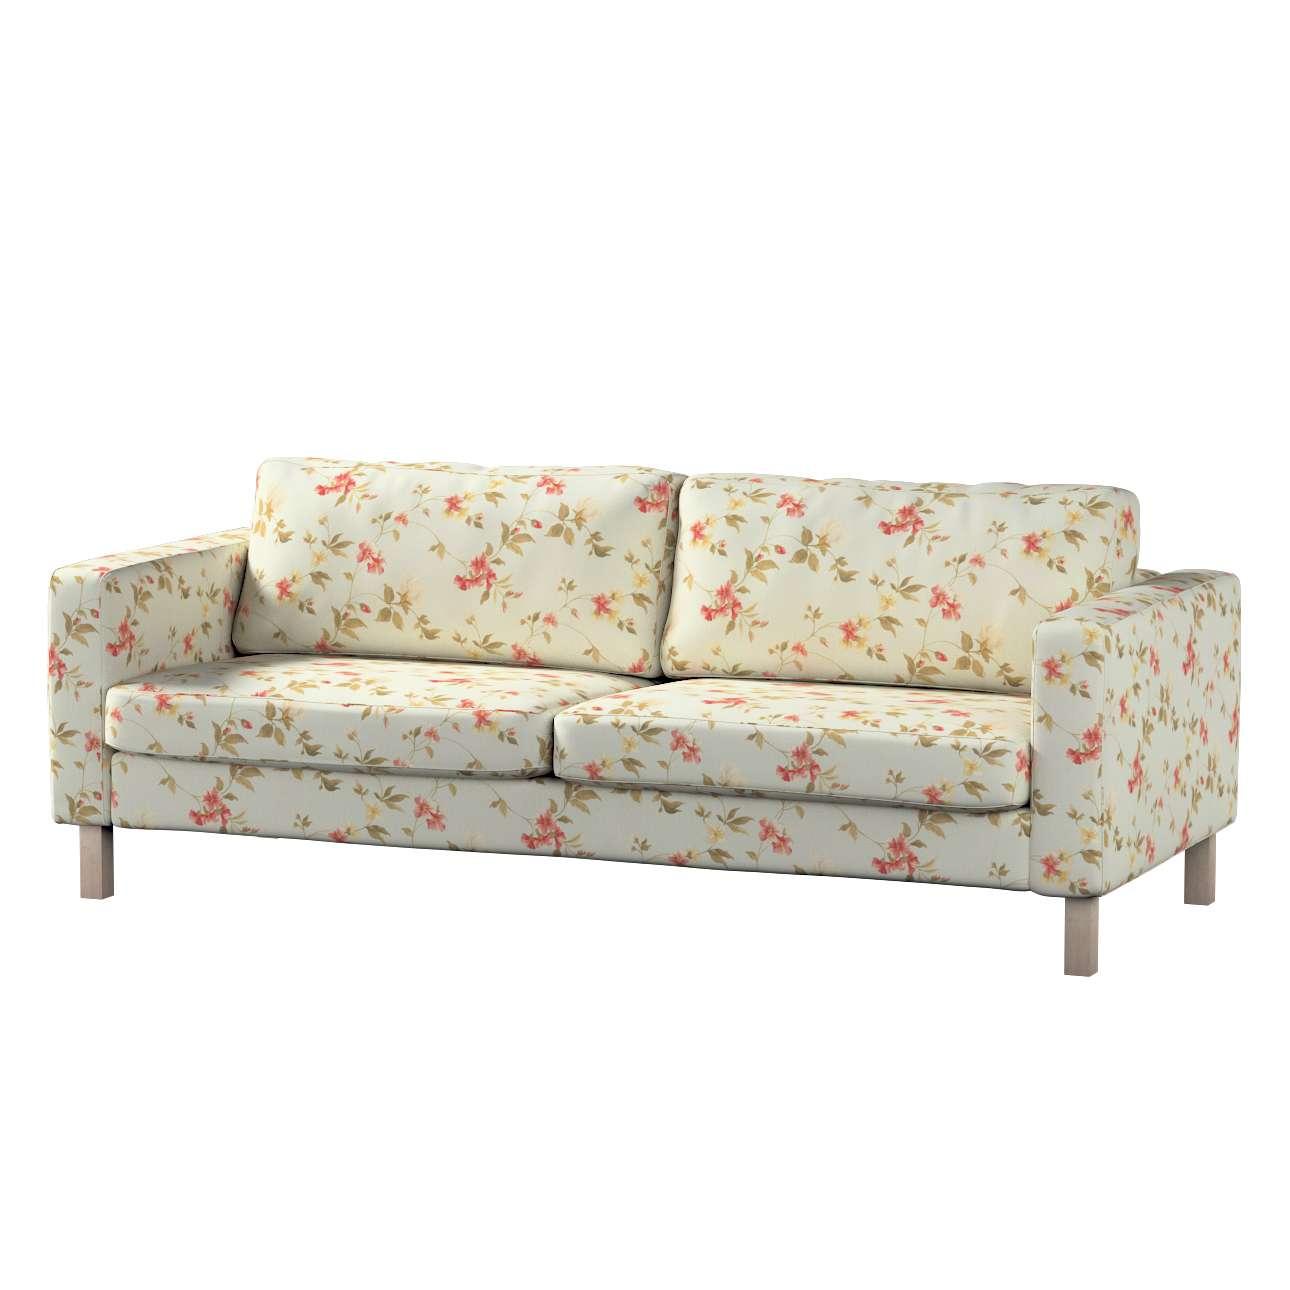 Pokrowiec na sofę Karlstad 3-osobową nierozkładaną, krótki w kolekcji Londres, tkanina: 124-65